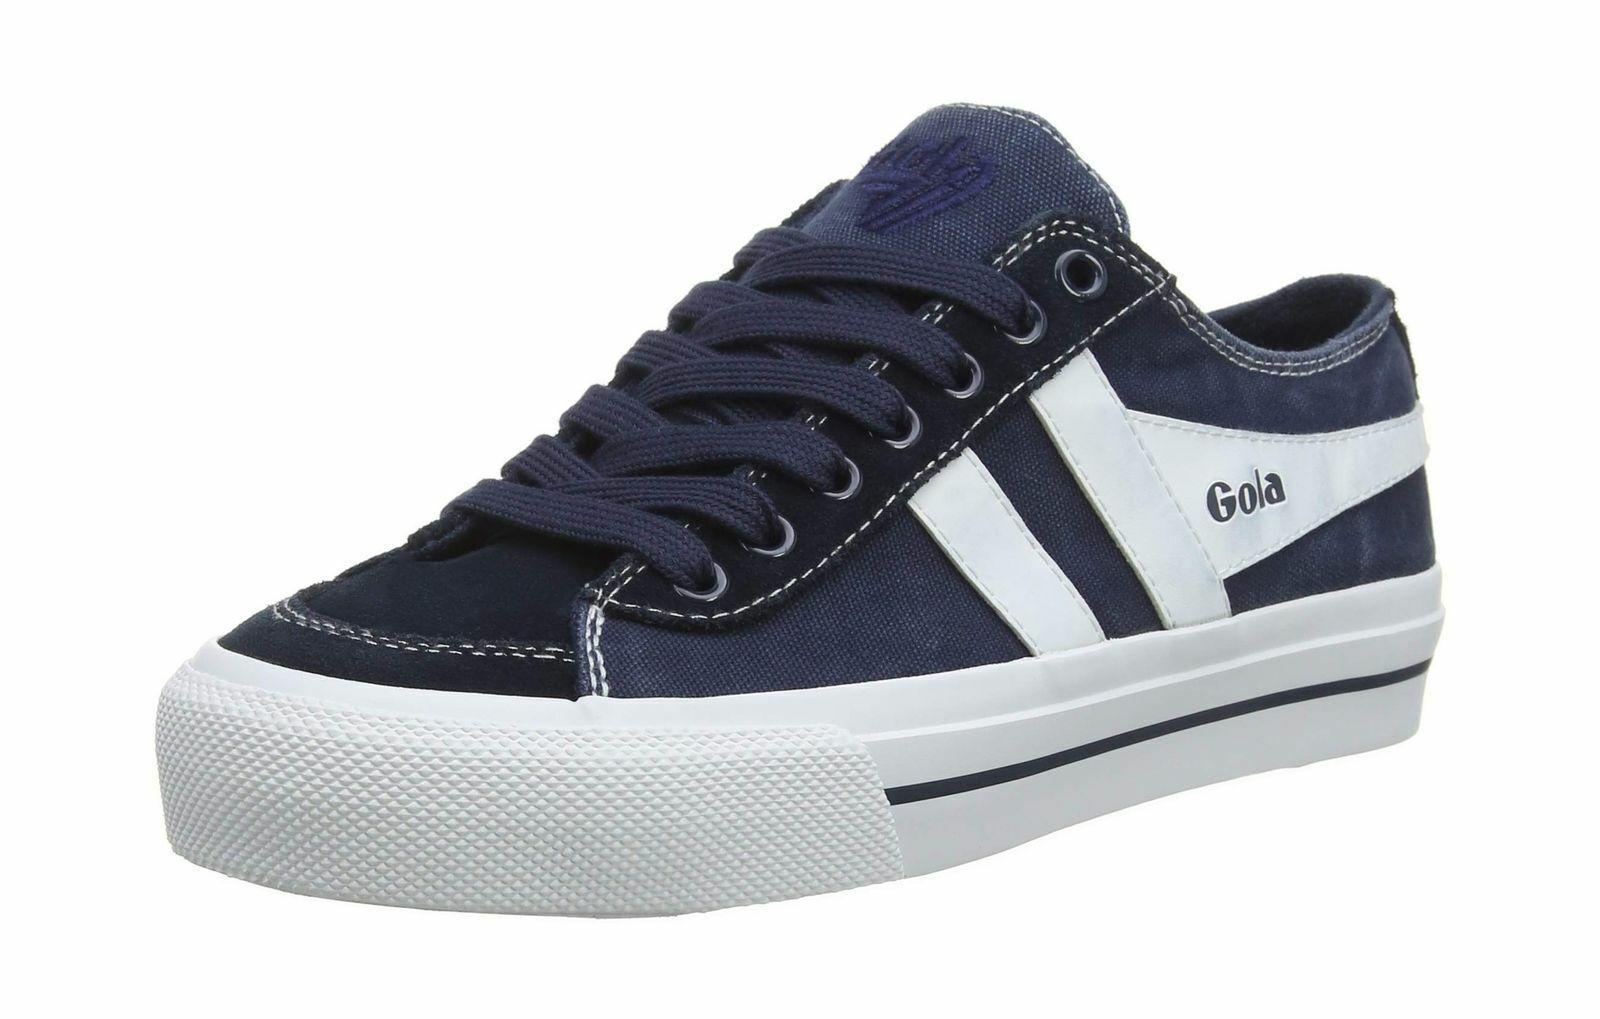 Gola Women's Quota 11 Trainers bluee (Navy White Ew) 7 UK